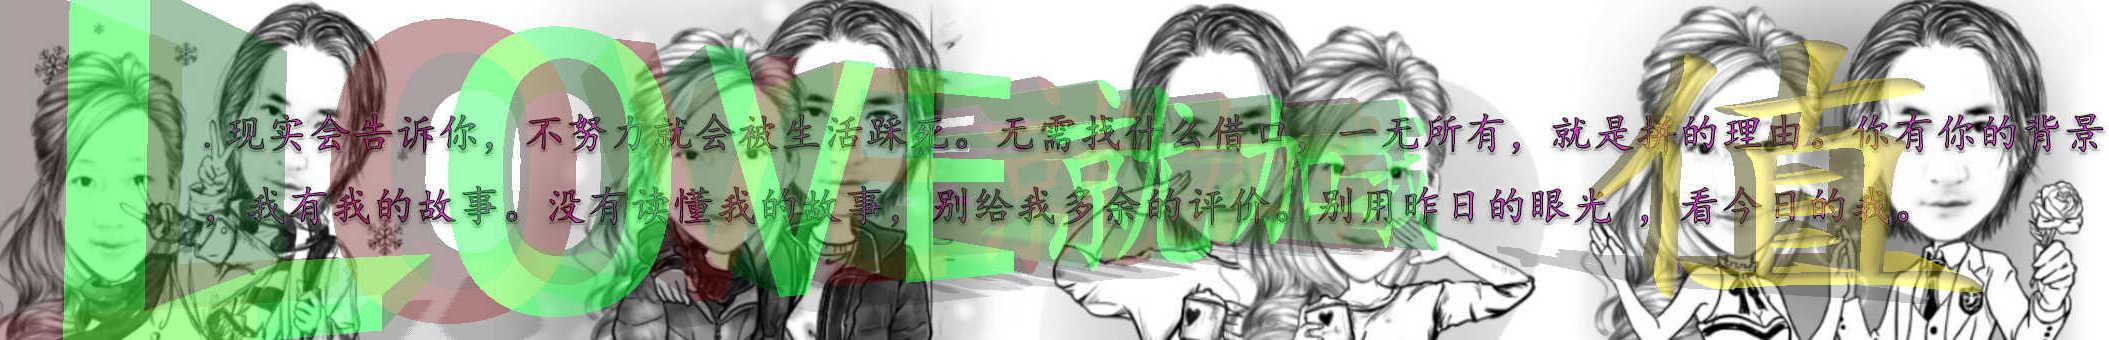 莪の丗堺惟壹の鑫丽宸灬HD鵼間 banner